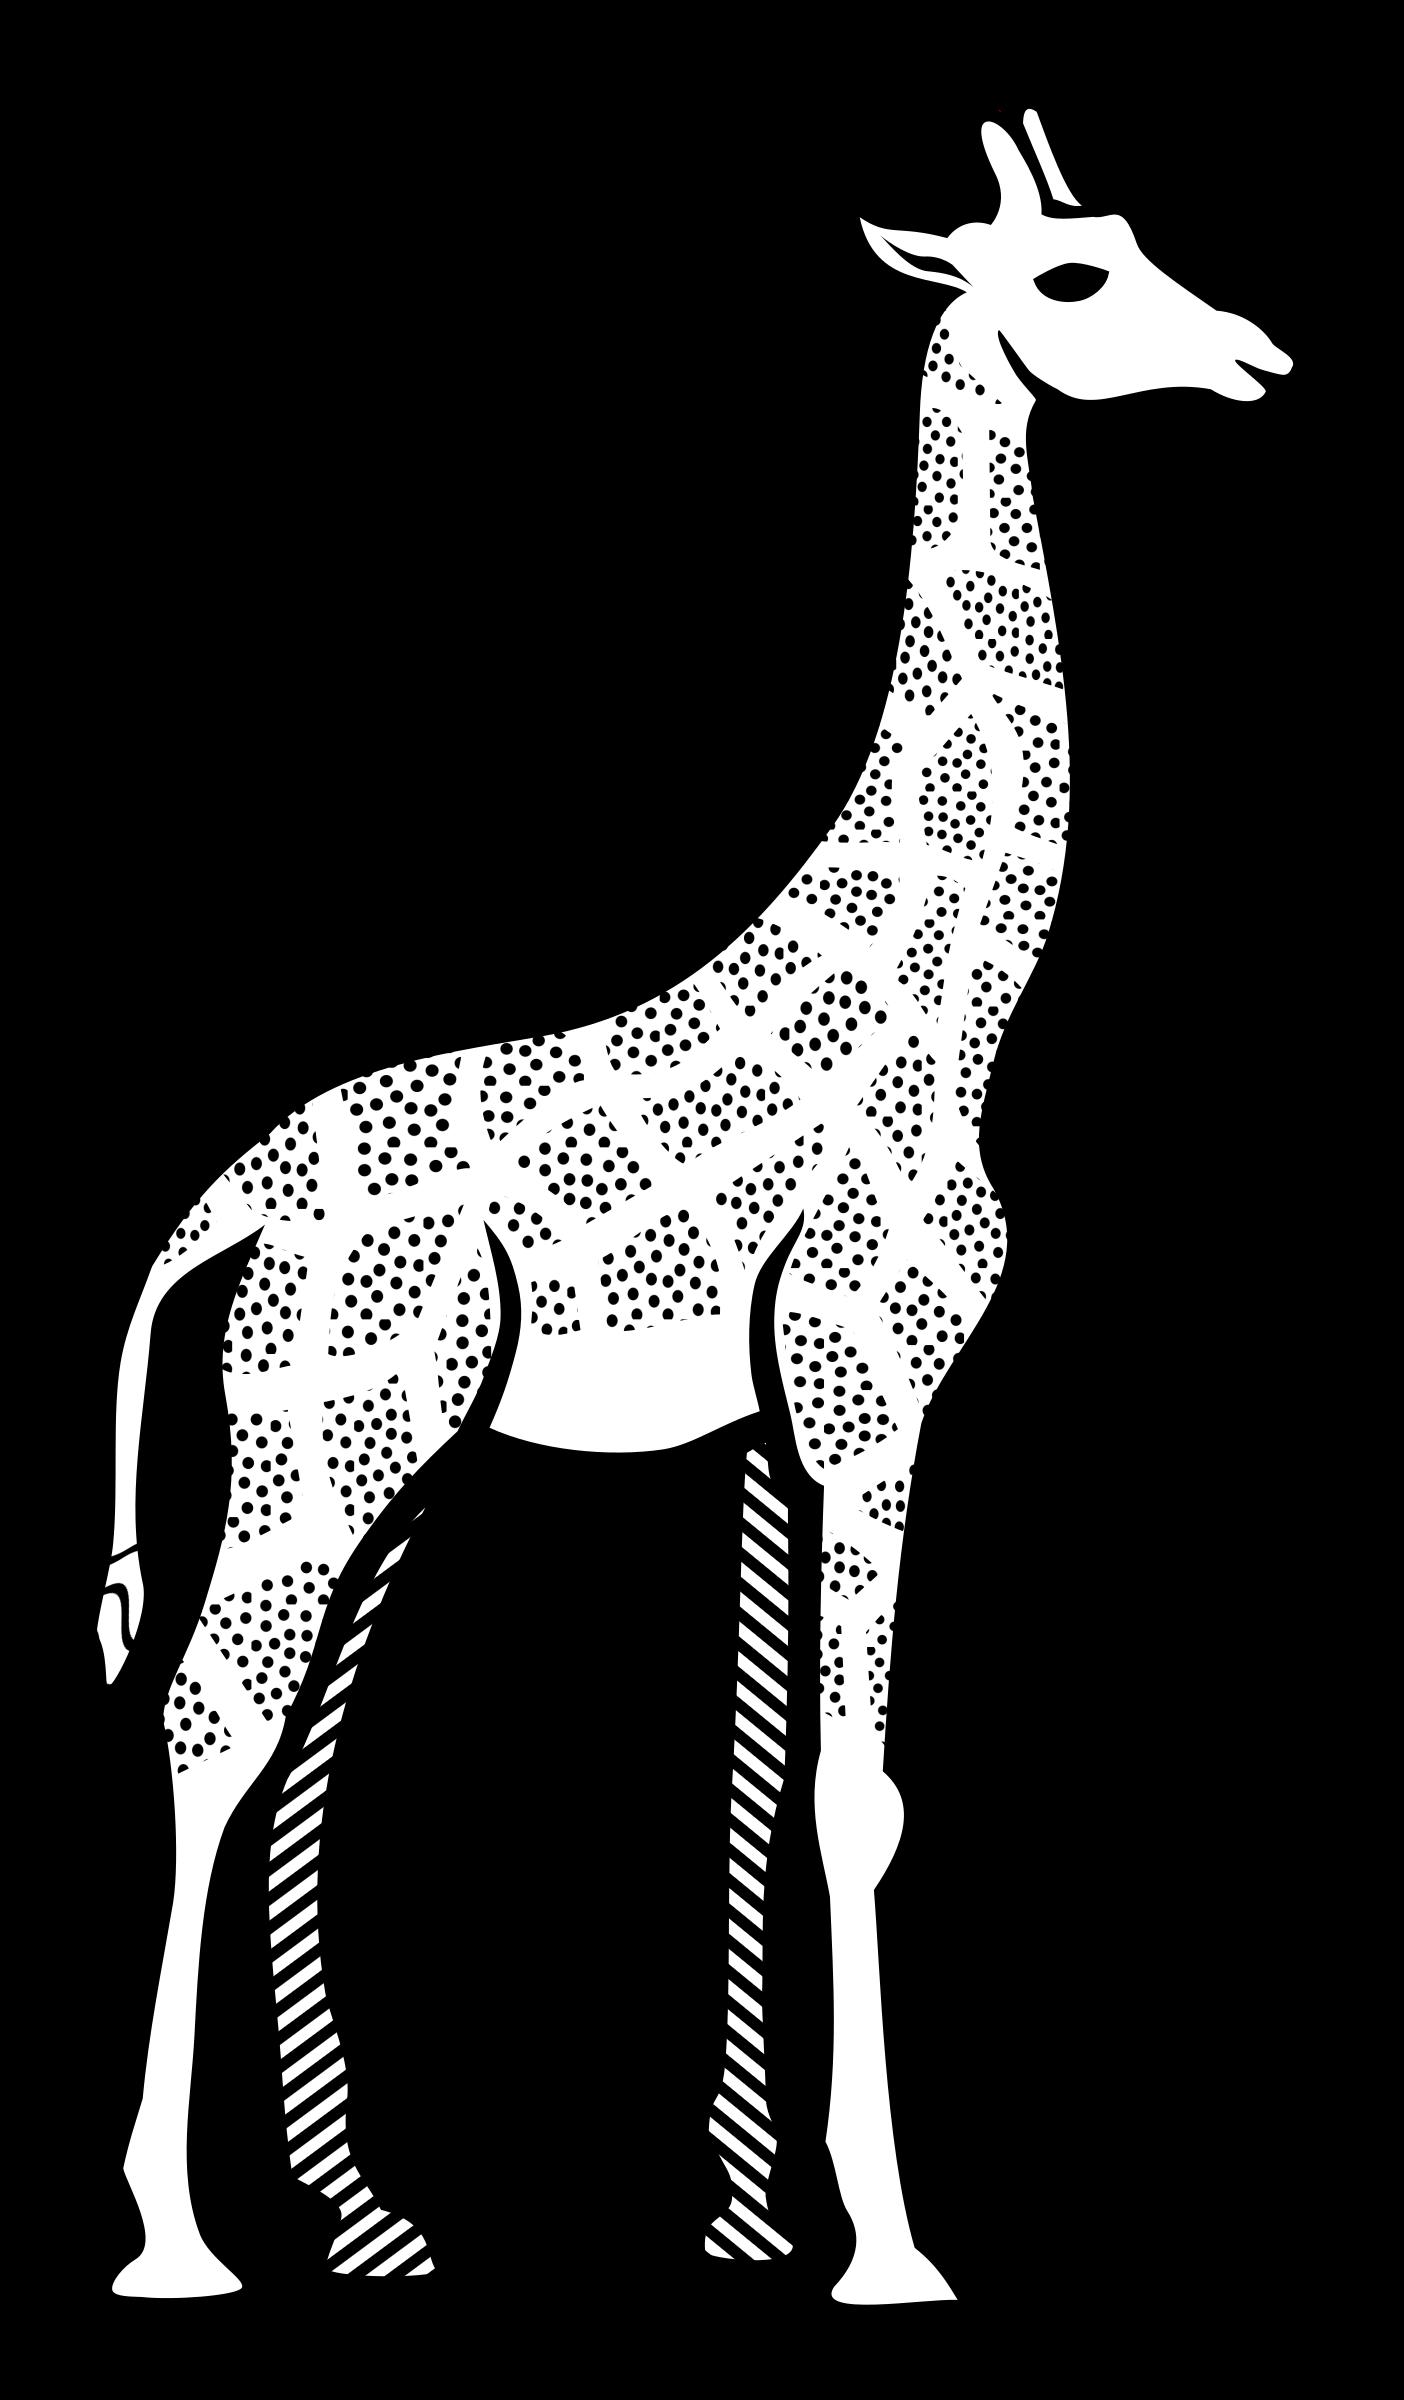 Lineart big image png. Giraffe clipart line art